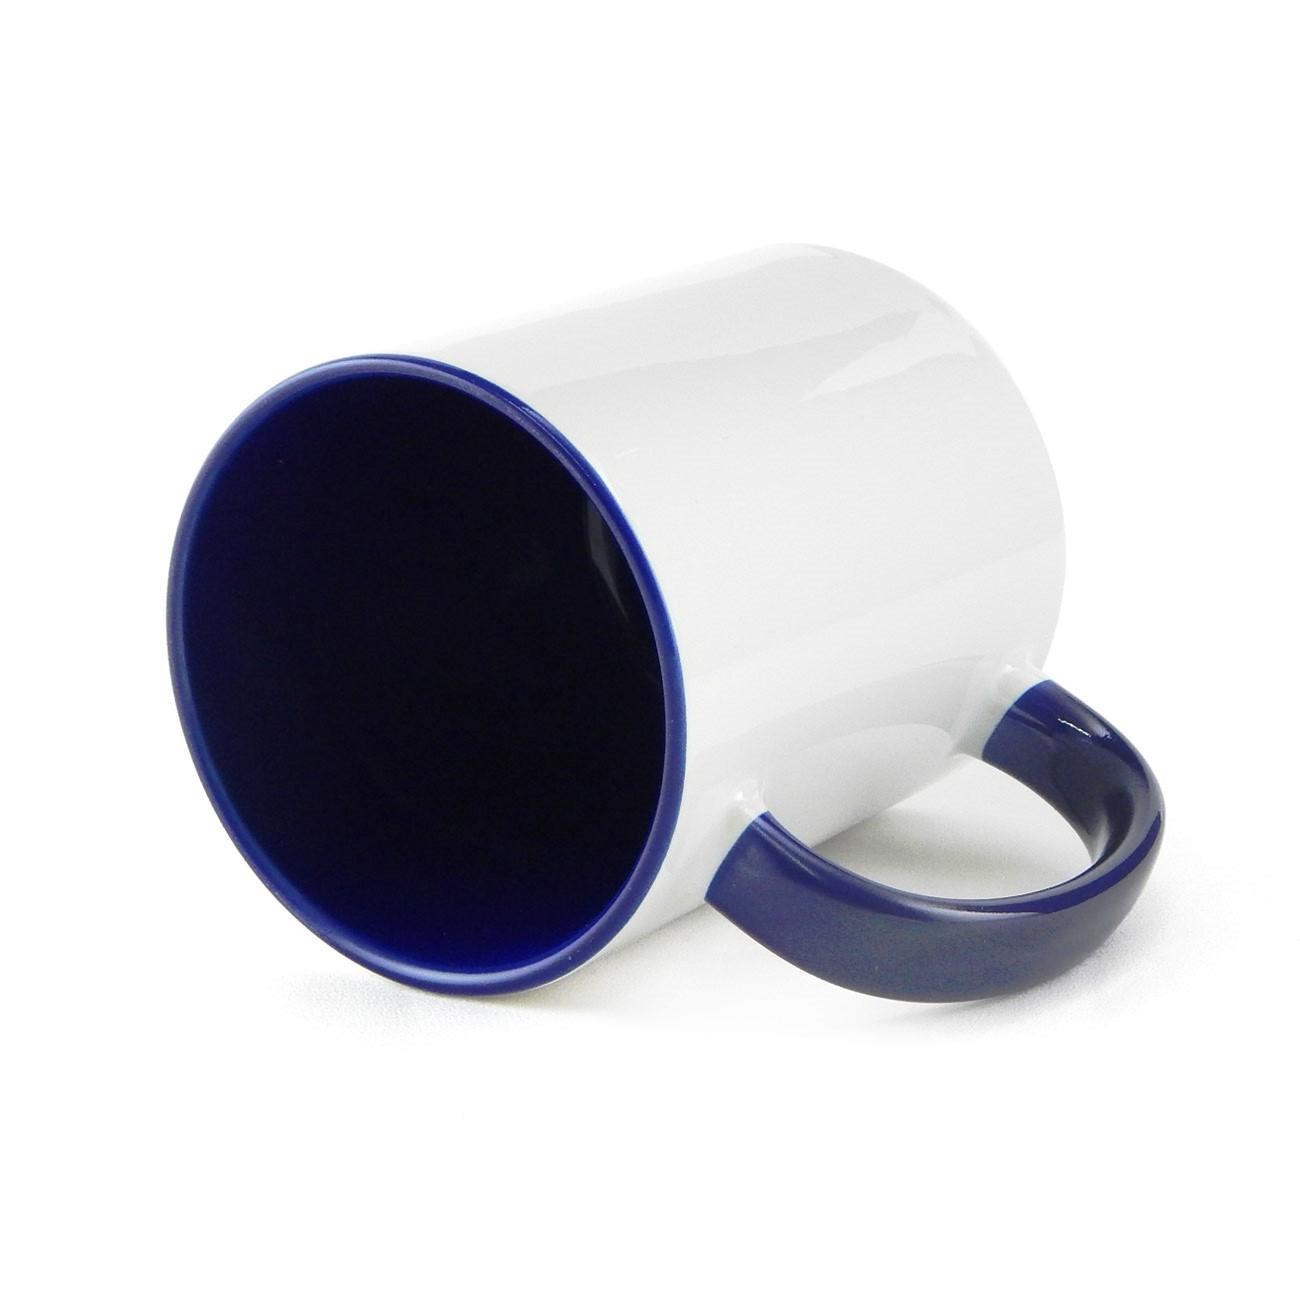 Caneca de Cerâmica Branca com Interior e Alça Colorida para Sublimação - Azul Escuro